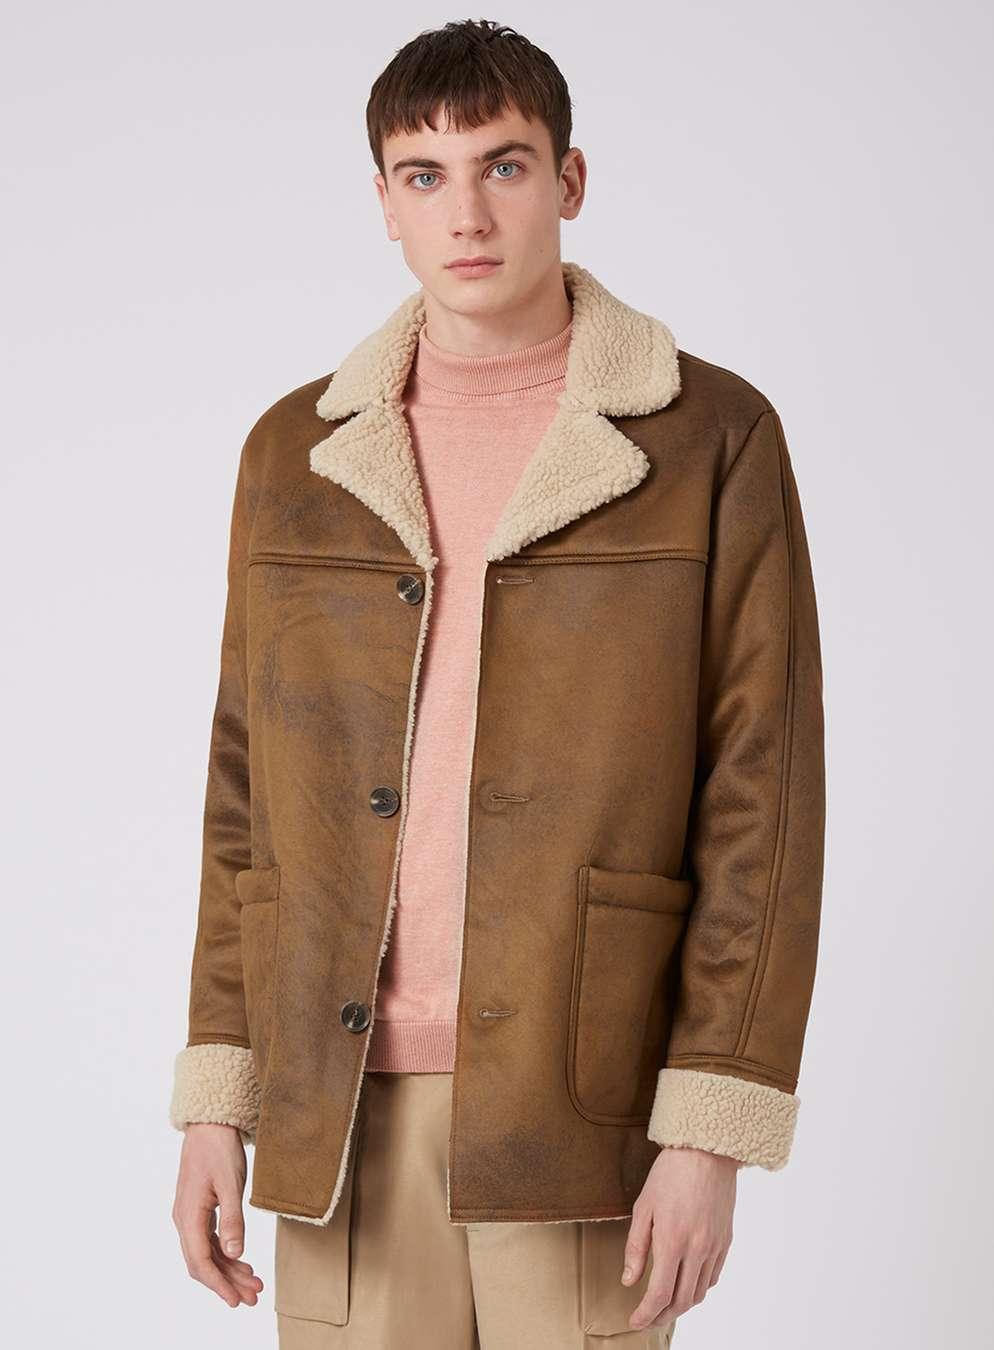 camel faux shearling coat - topman usa LTIDUYM